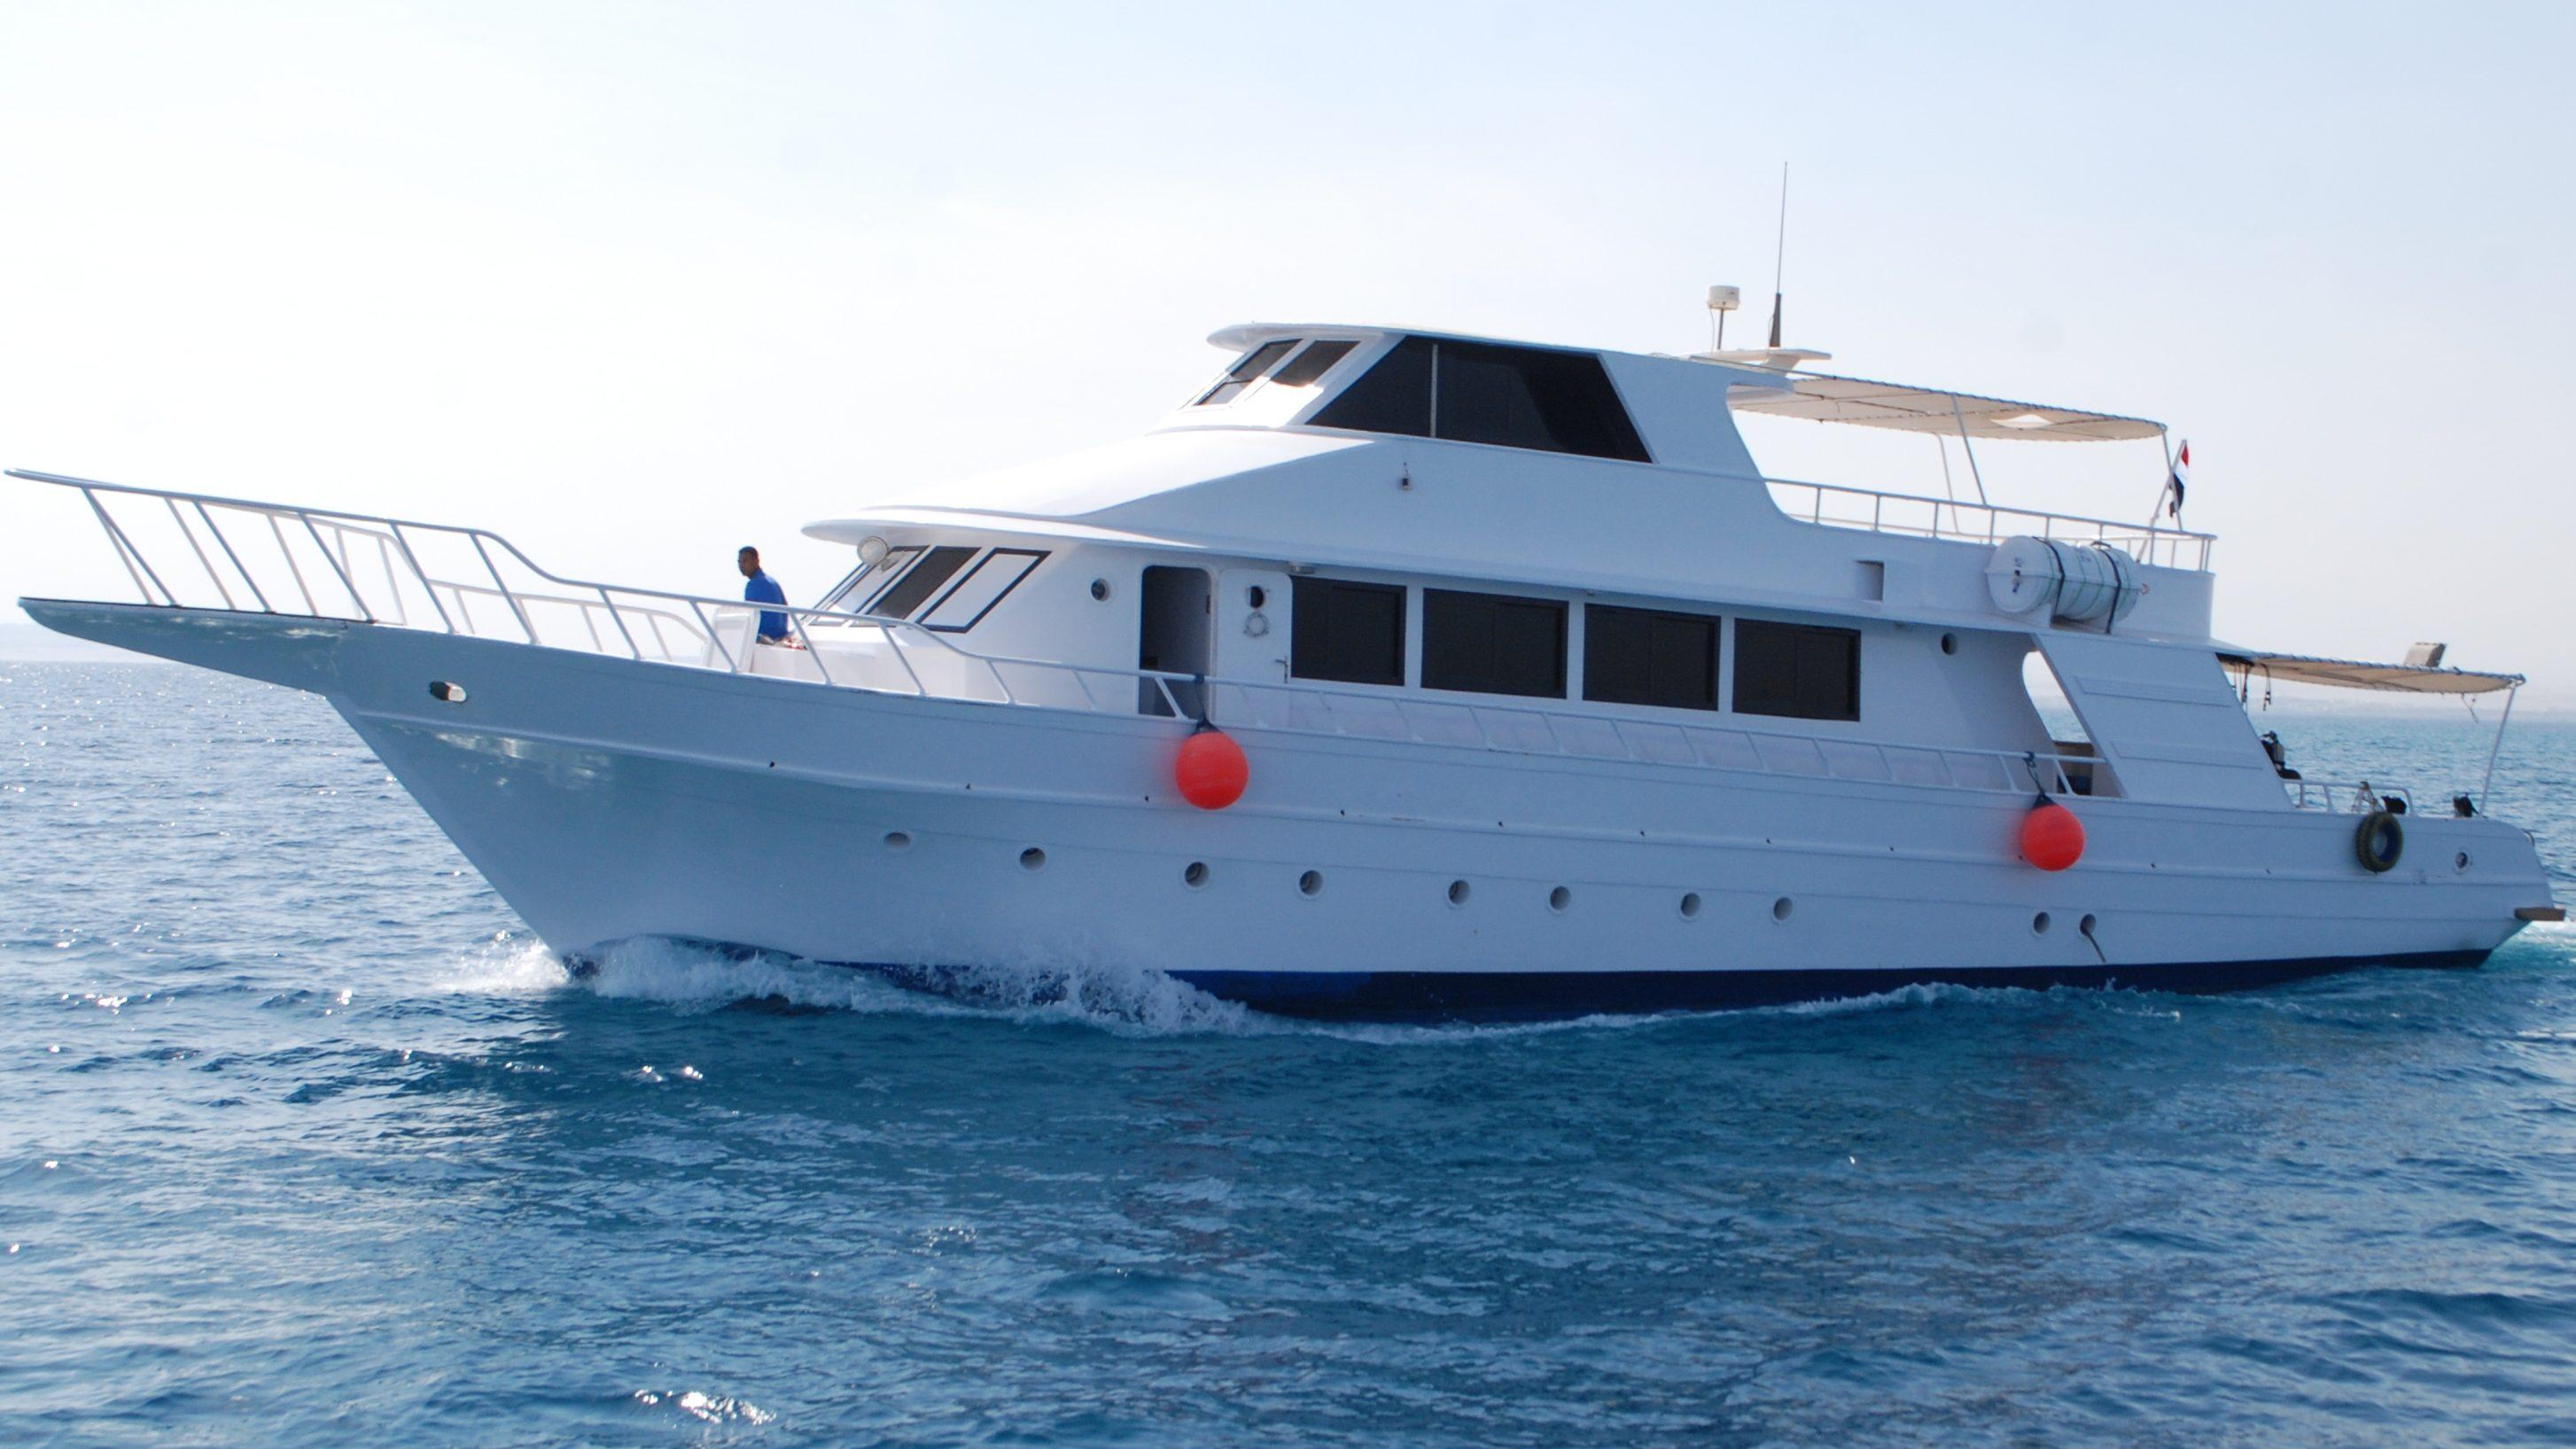 Поїздка підводним плаванням Рас Мохаммед Шарм